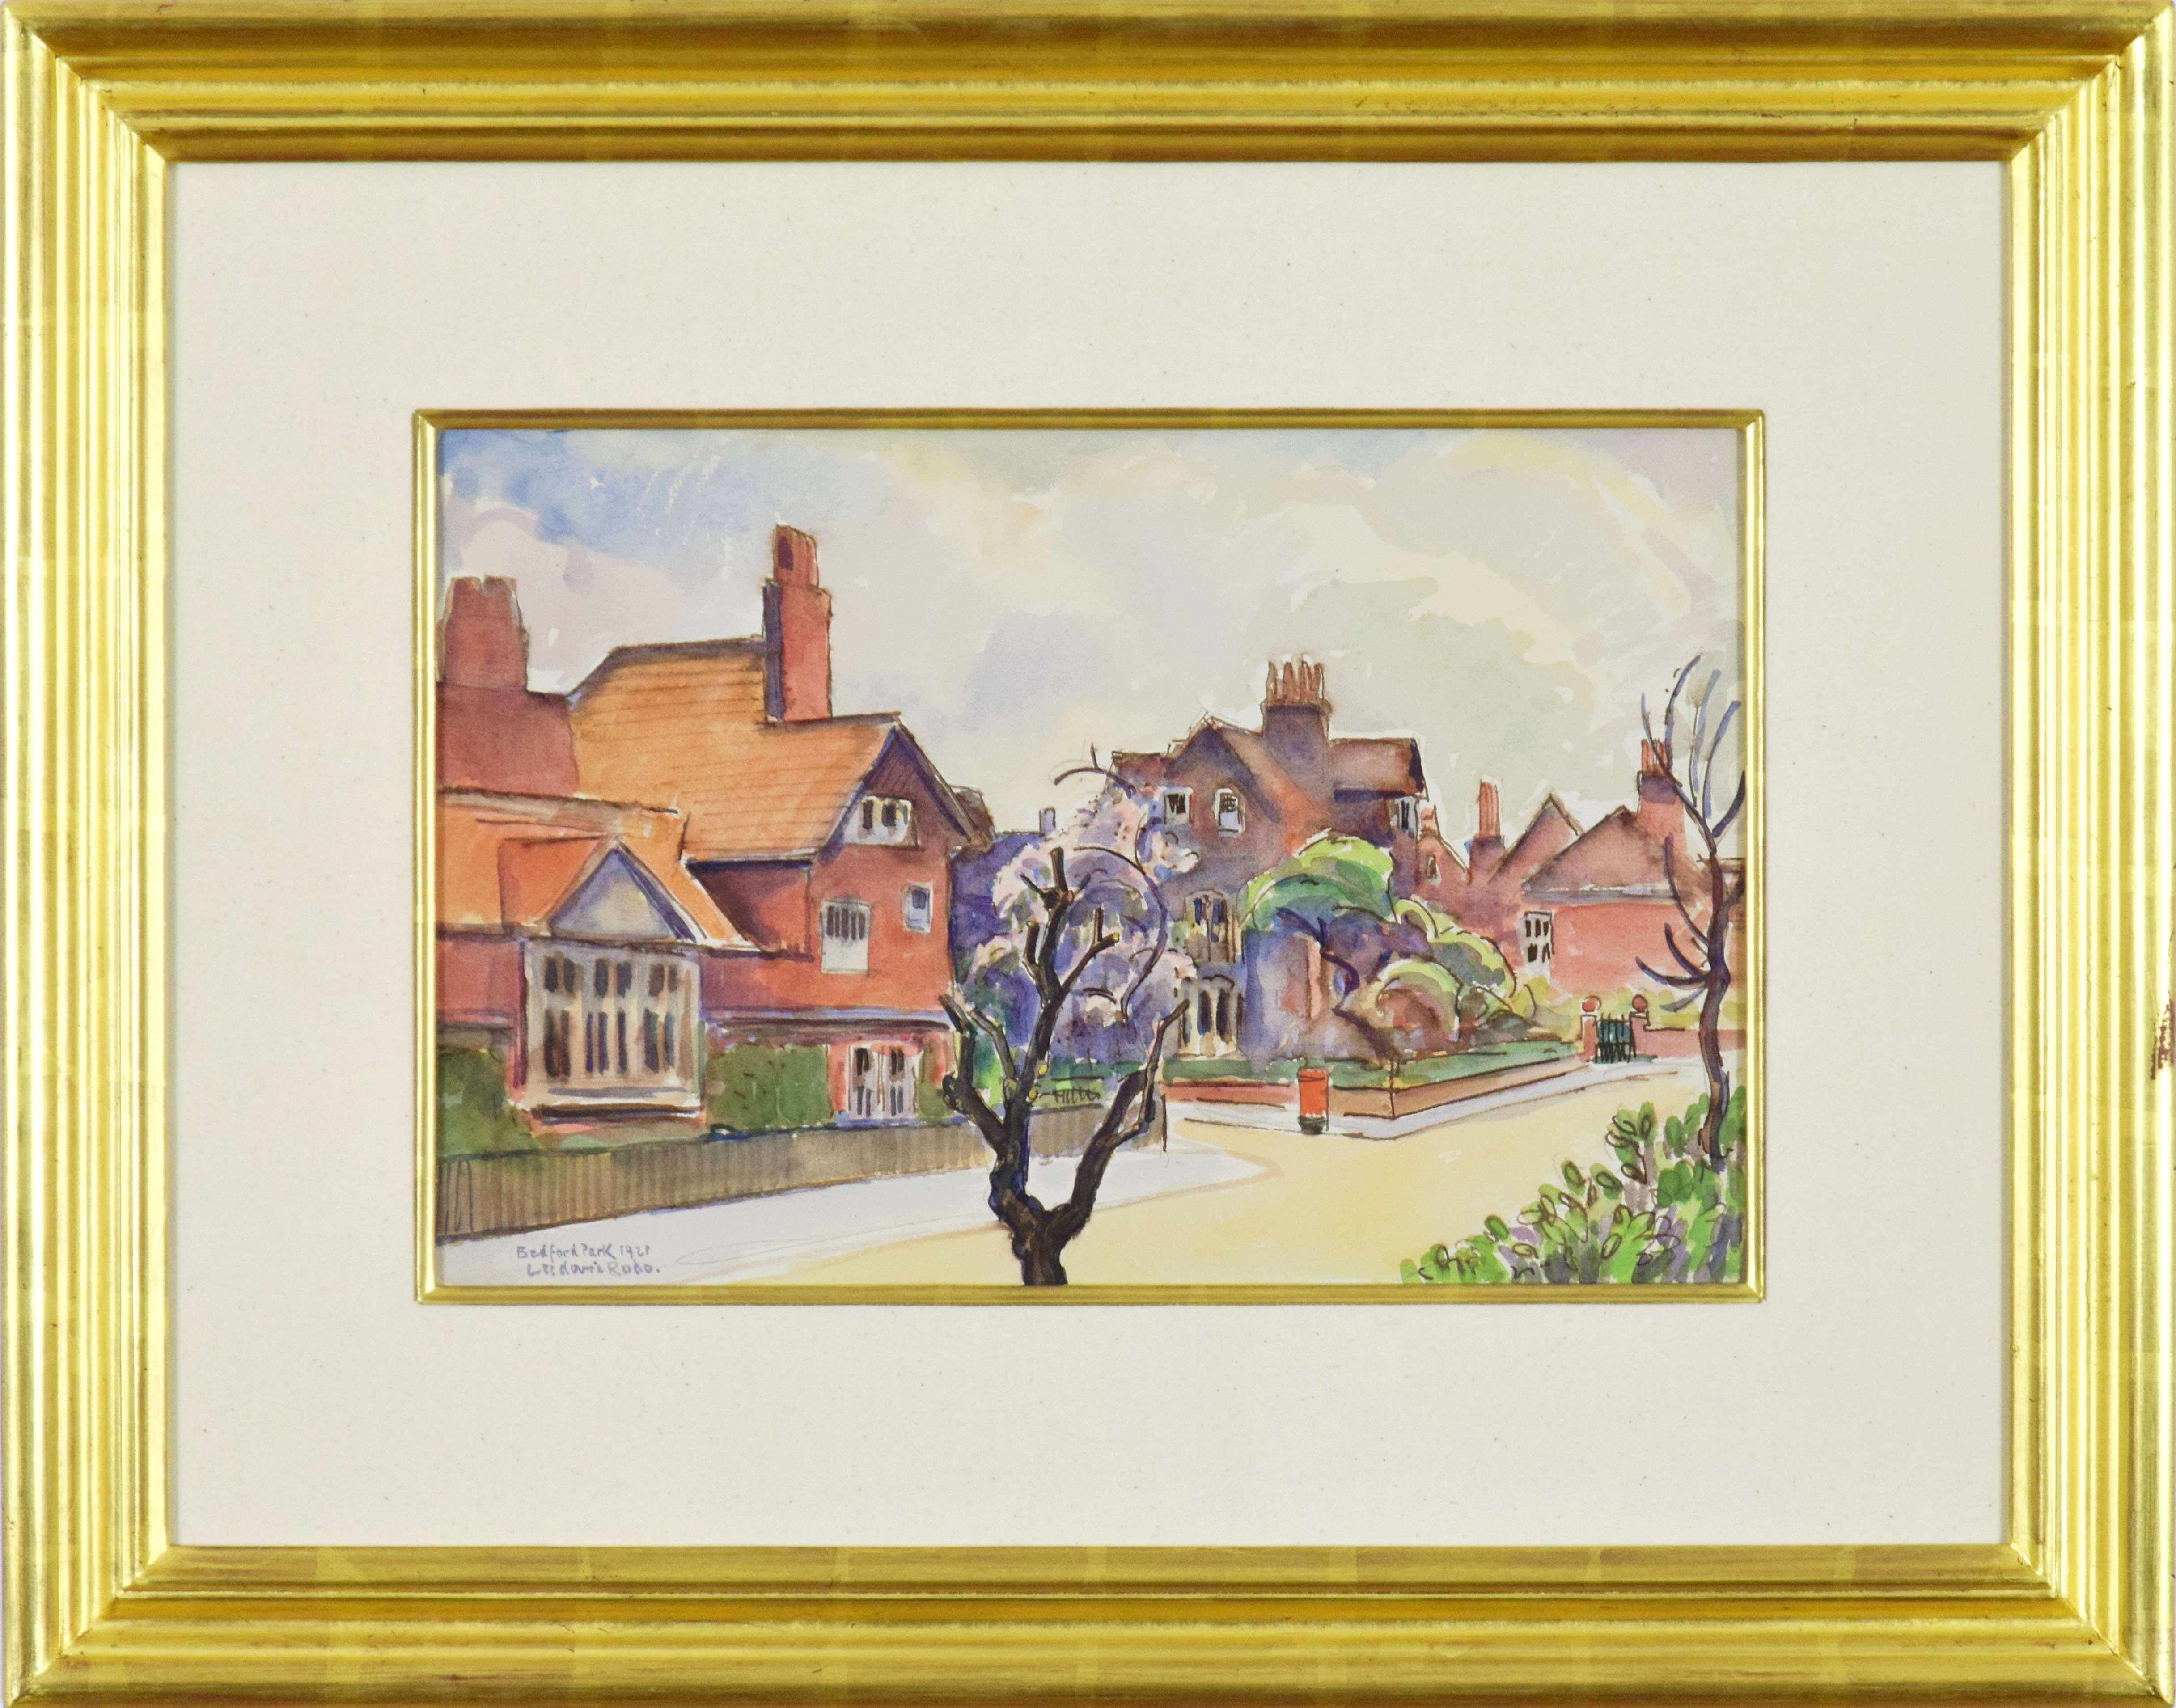 Bedford Park, LUDOVIC-RODO PISSARRO - Watercolour, Town Scene, 20th Century